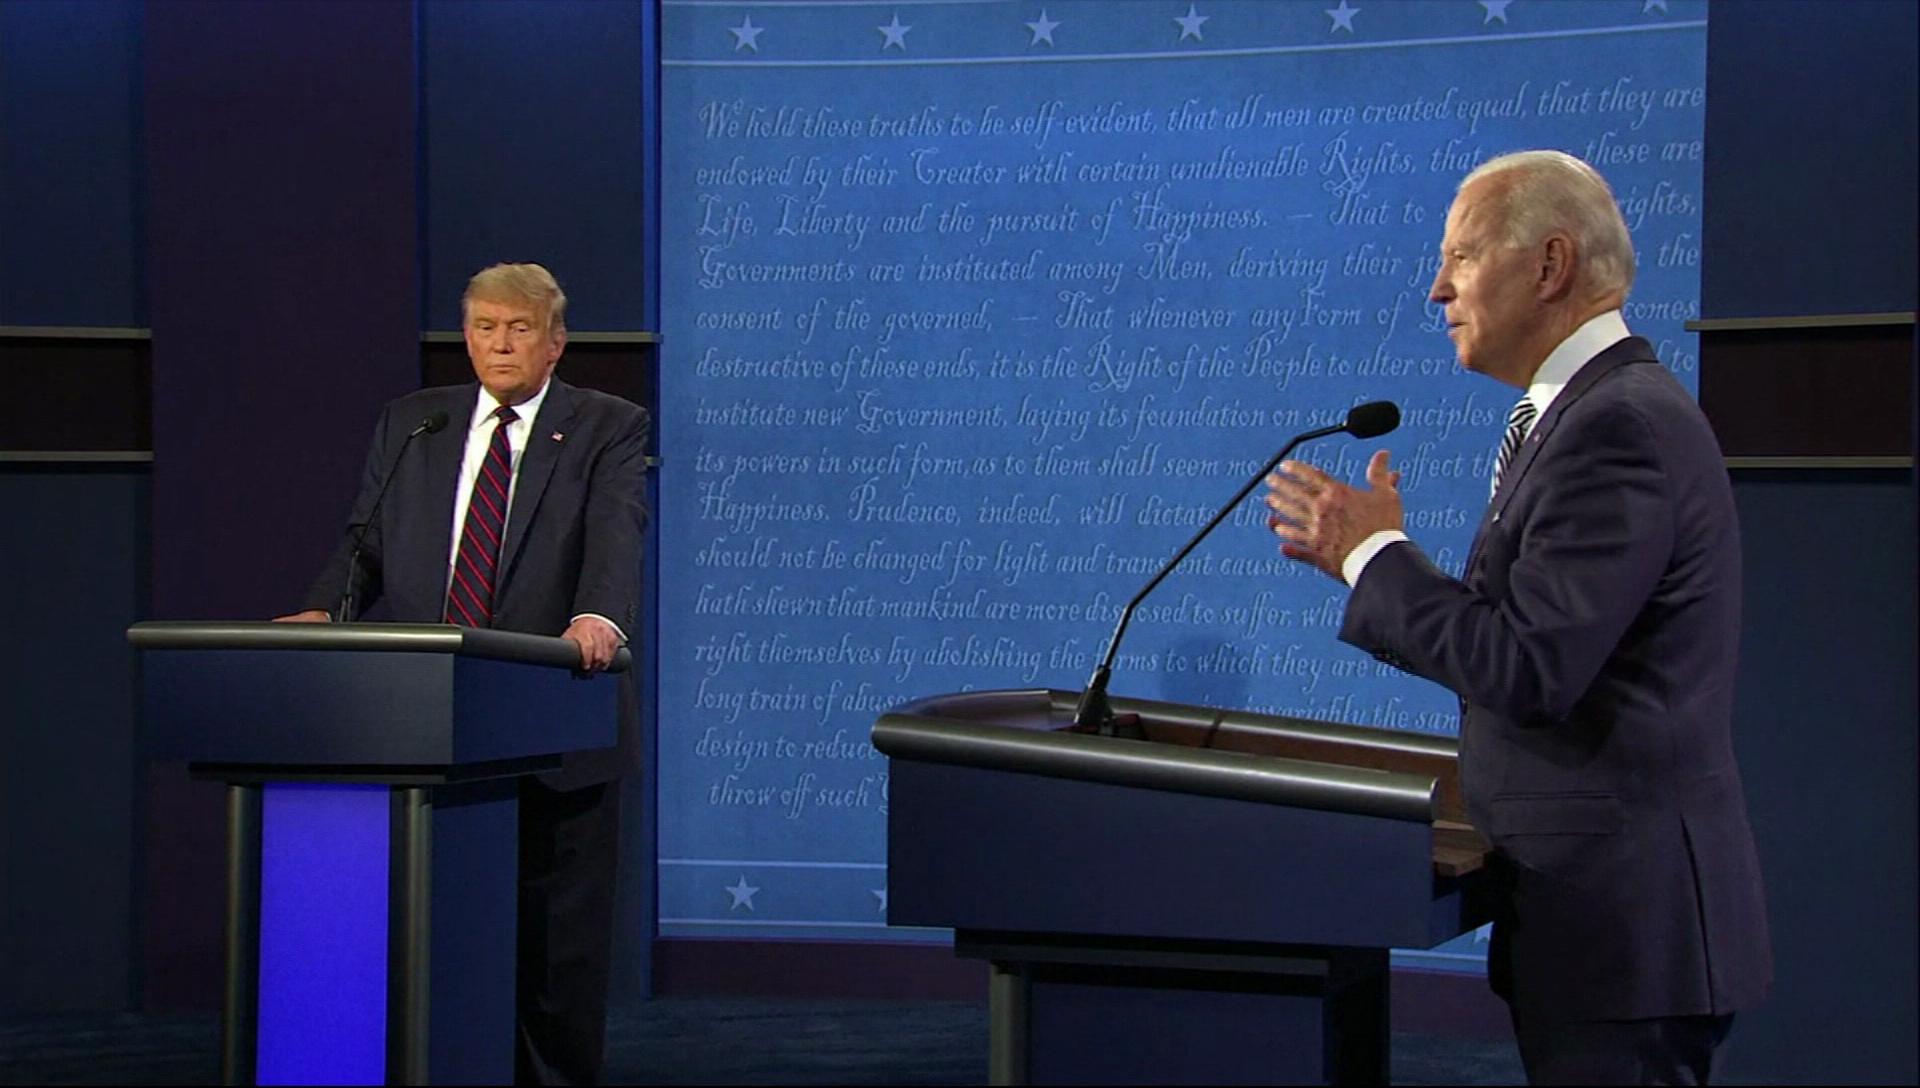 美選最終辯論加「消音」規則 防「插嘴」混亂局面!